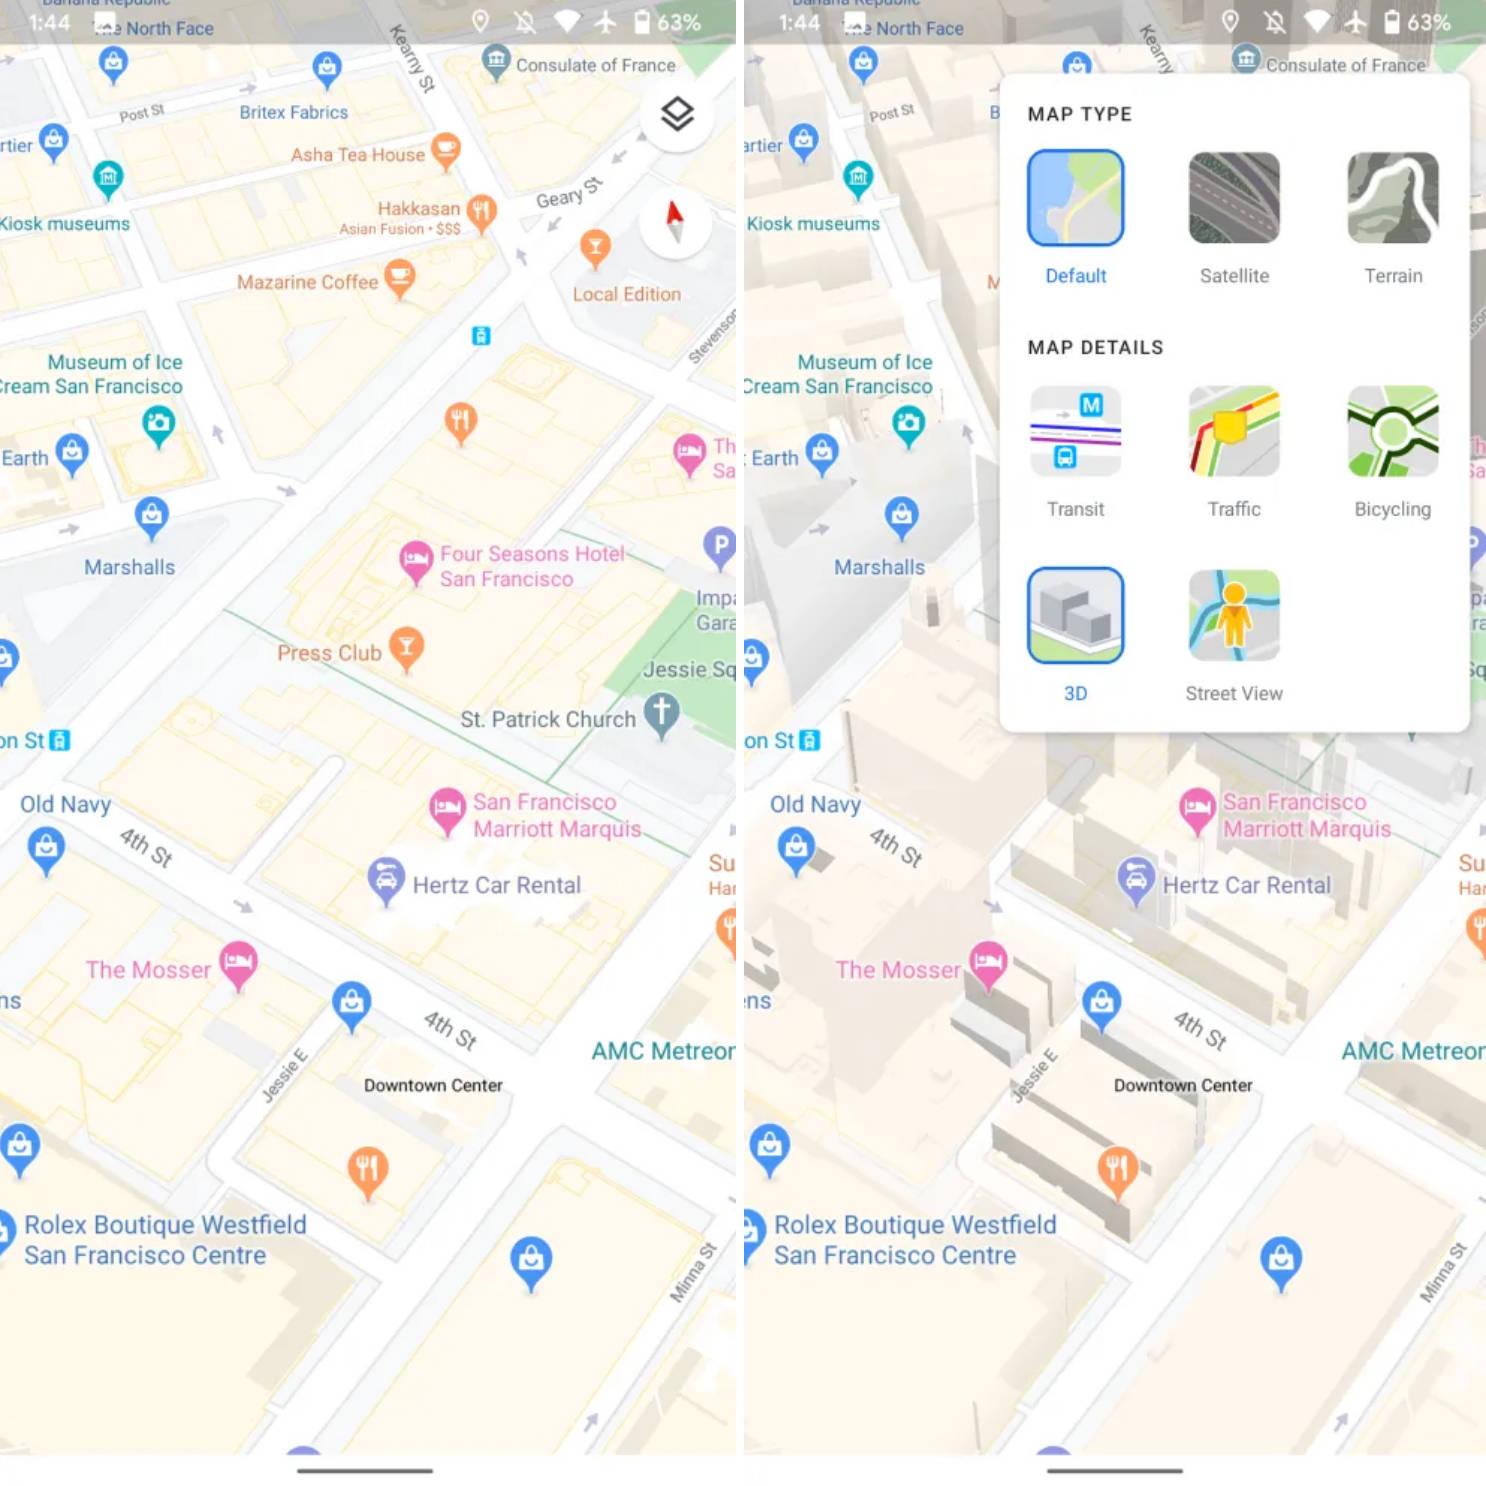 Mapy Google Maps warstwy 3D rekomendacje dla ciebie lokalni przewodnicy